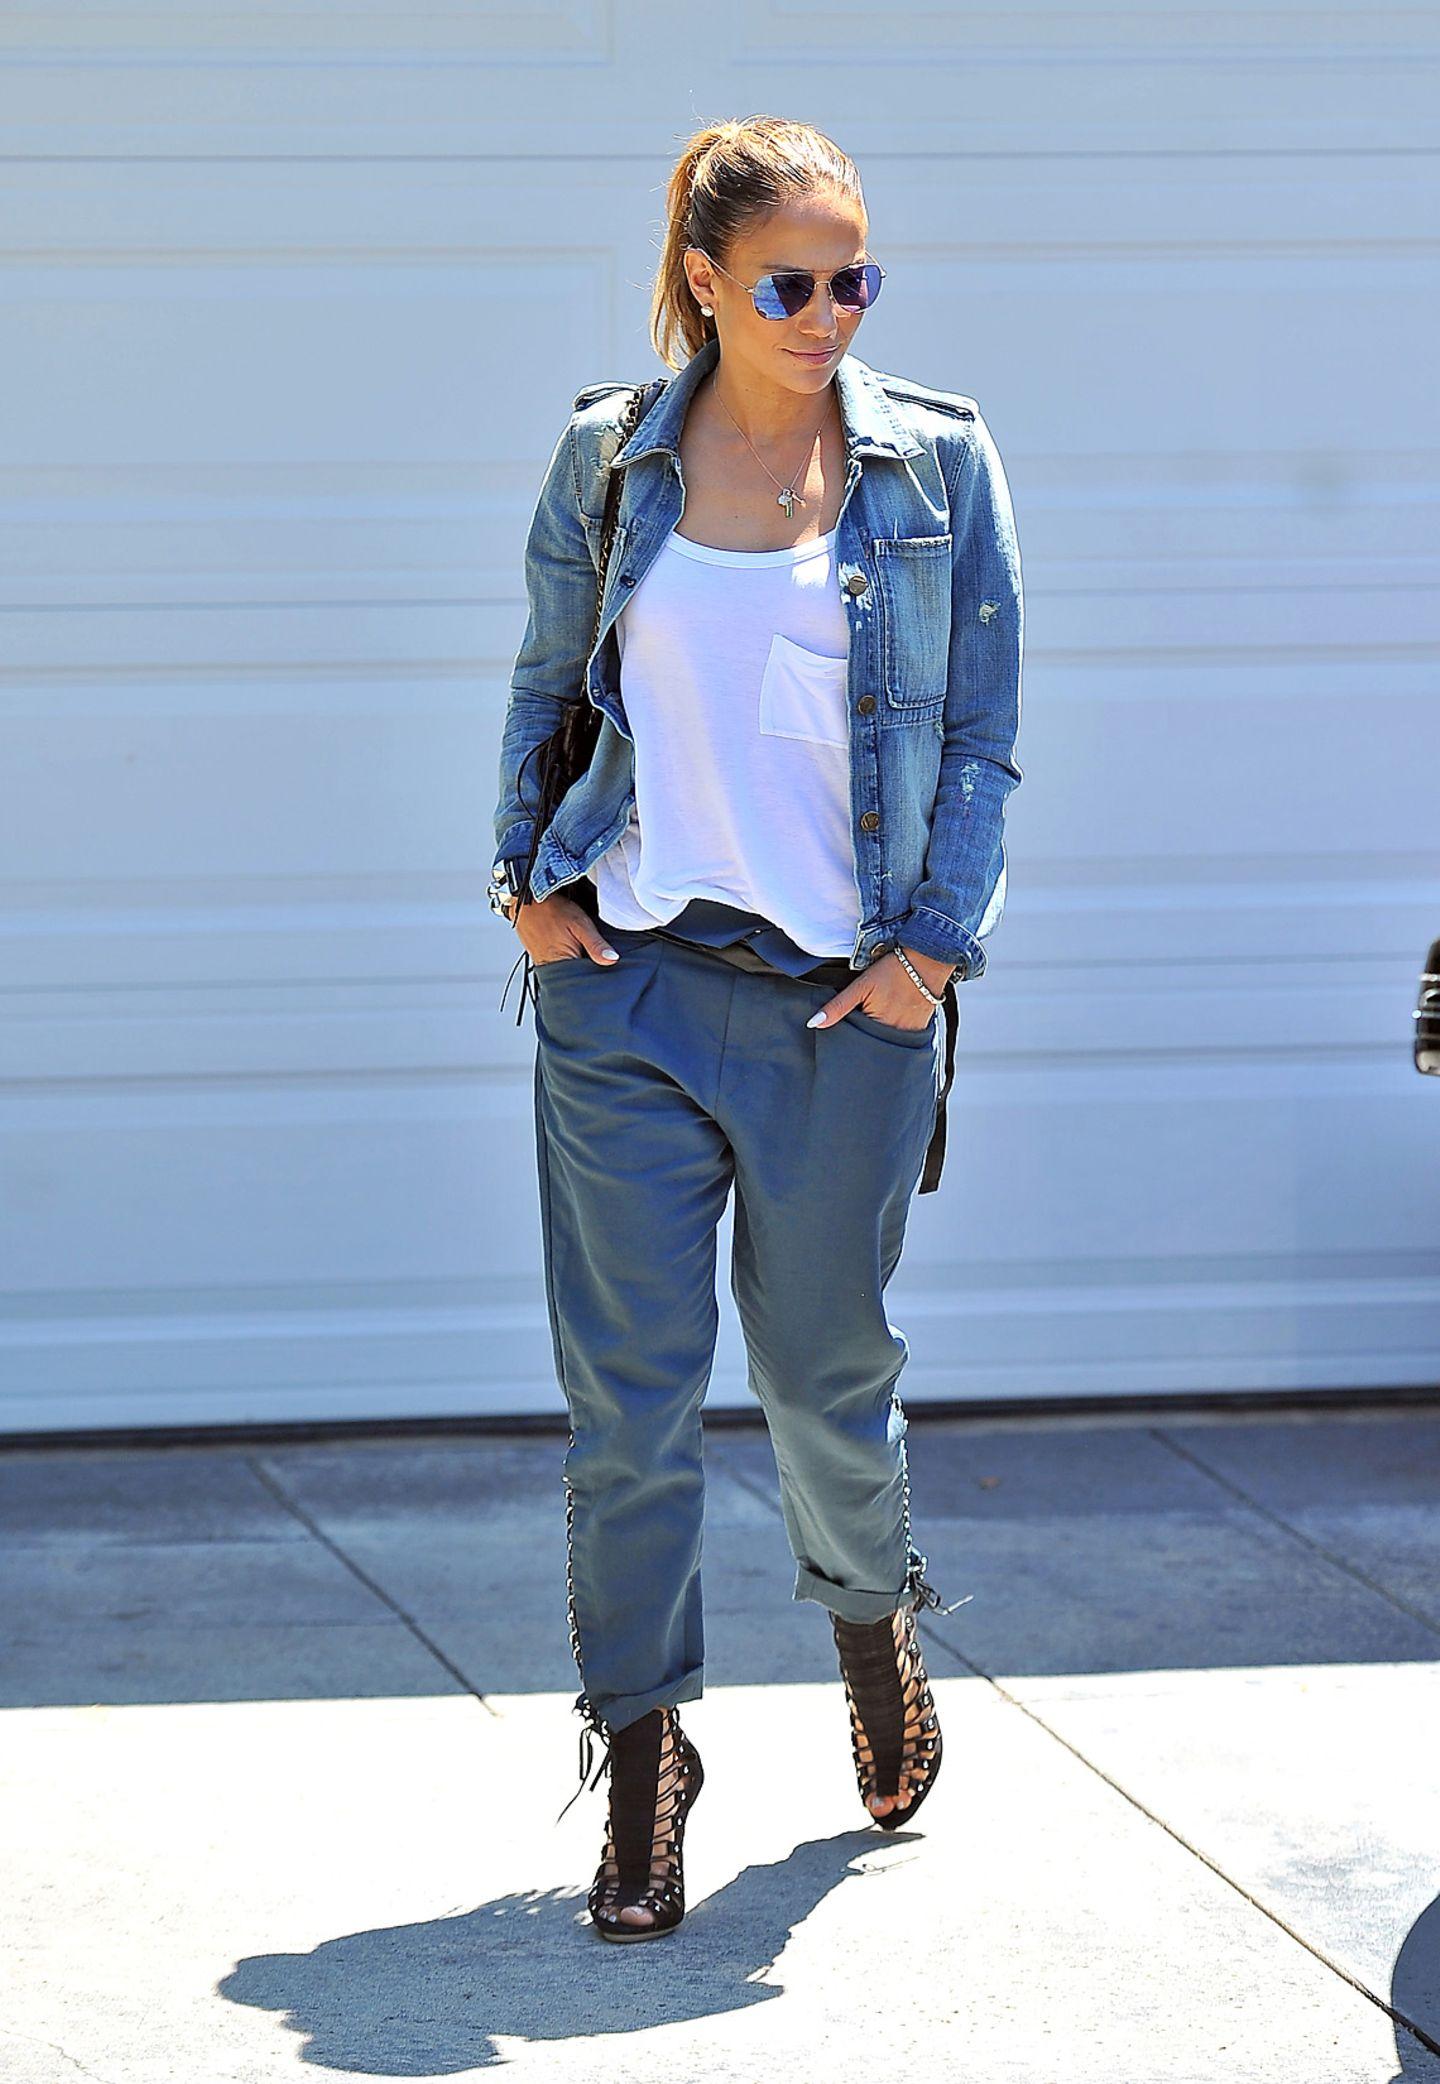 Ihr Casual-Outfit peppt Sängerin JLo mit heißen Stilettos auf, die dem Look einen femininen Touch verleihen.